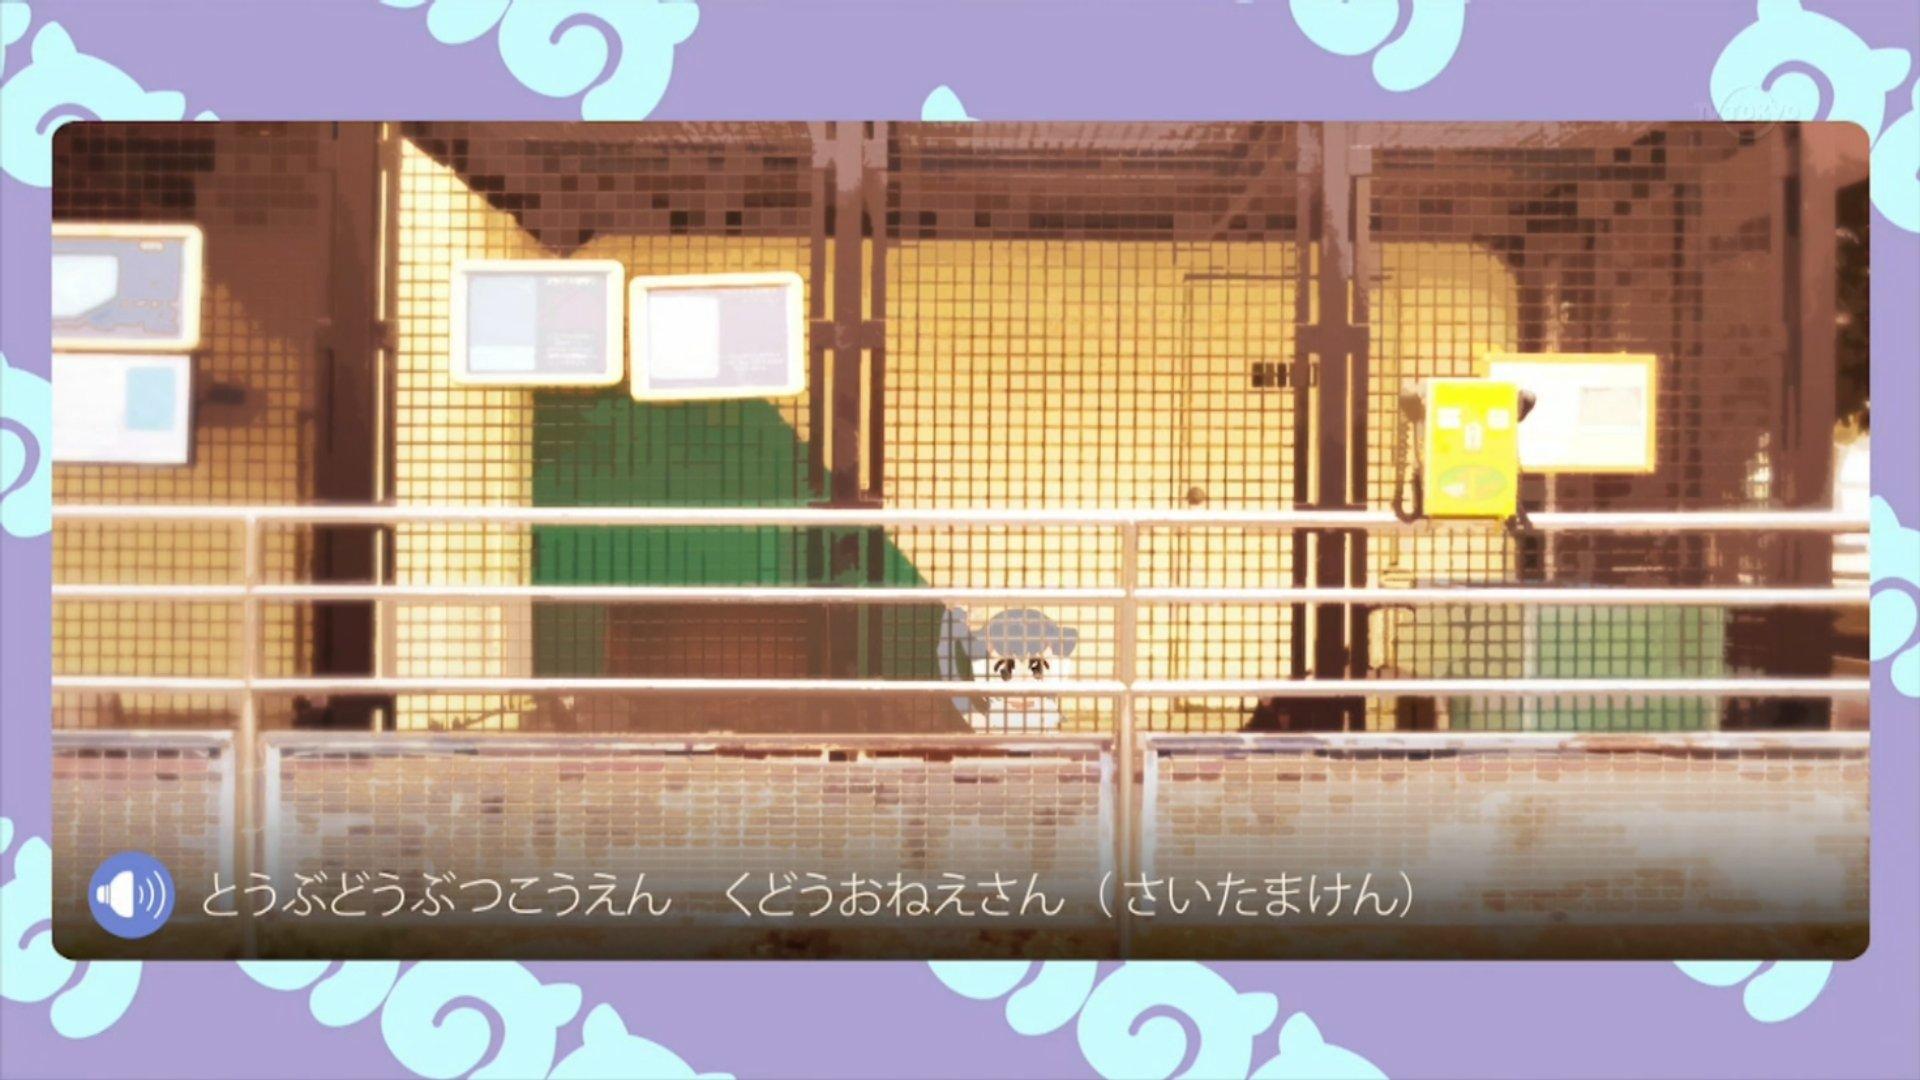 くどうおねえさん(さいたまけん) #けもフレ #kemo_anime #tvtokyo https://t.co/KxMjGnKqj2